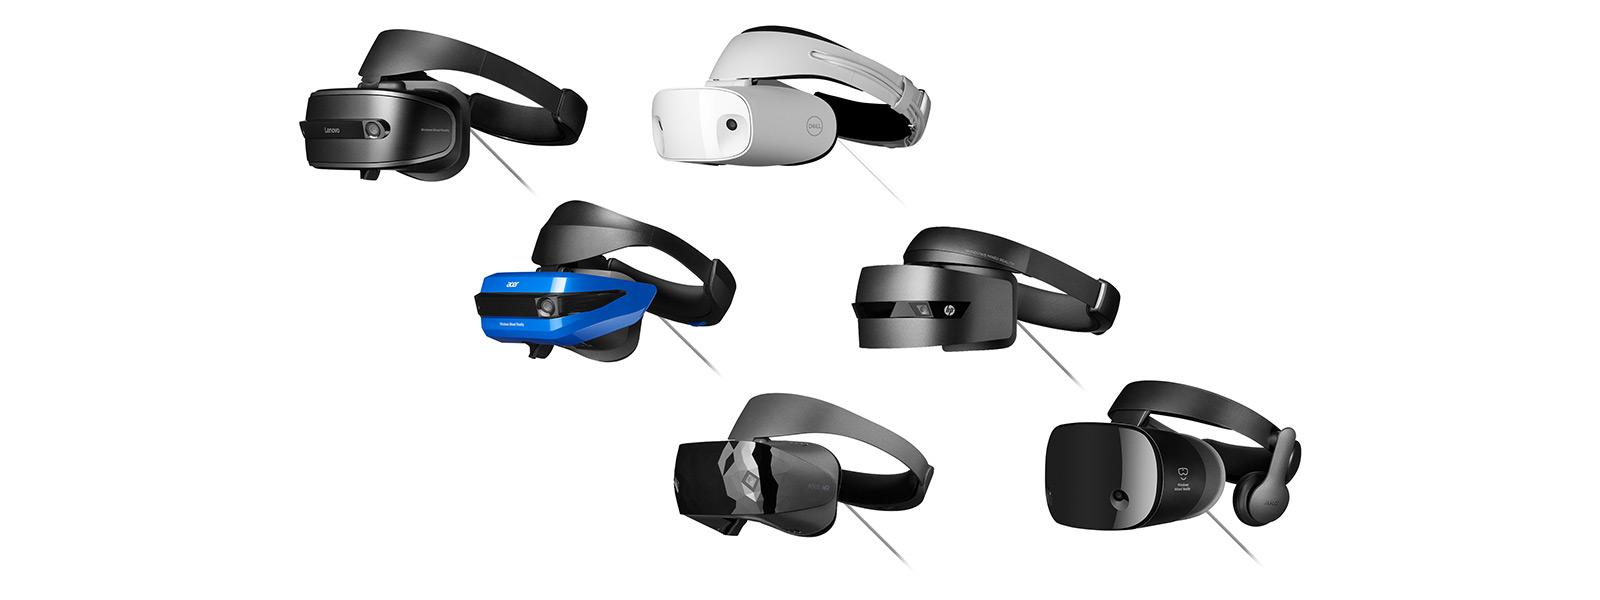 Gamme de casques de réalité mixte